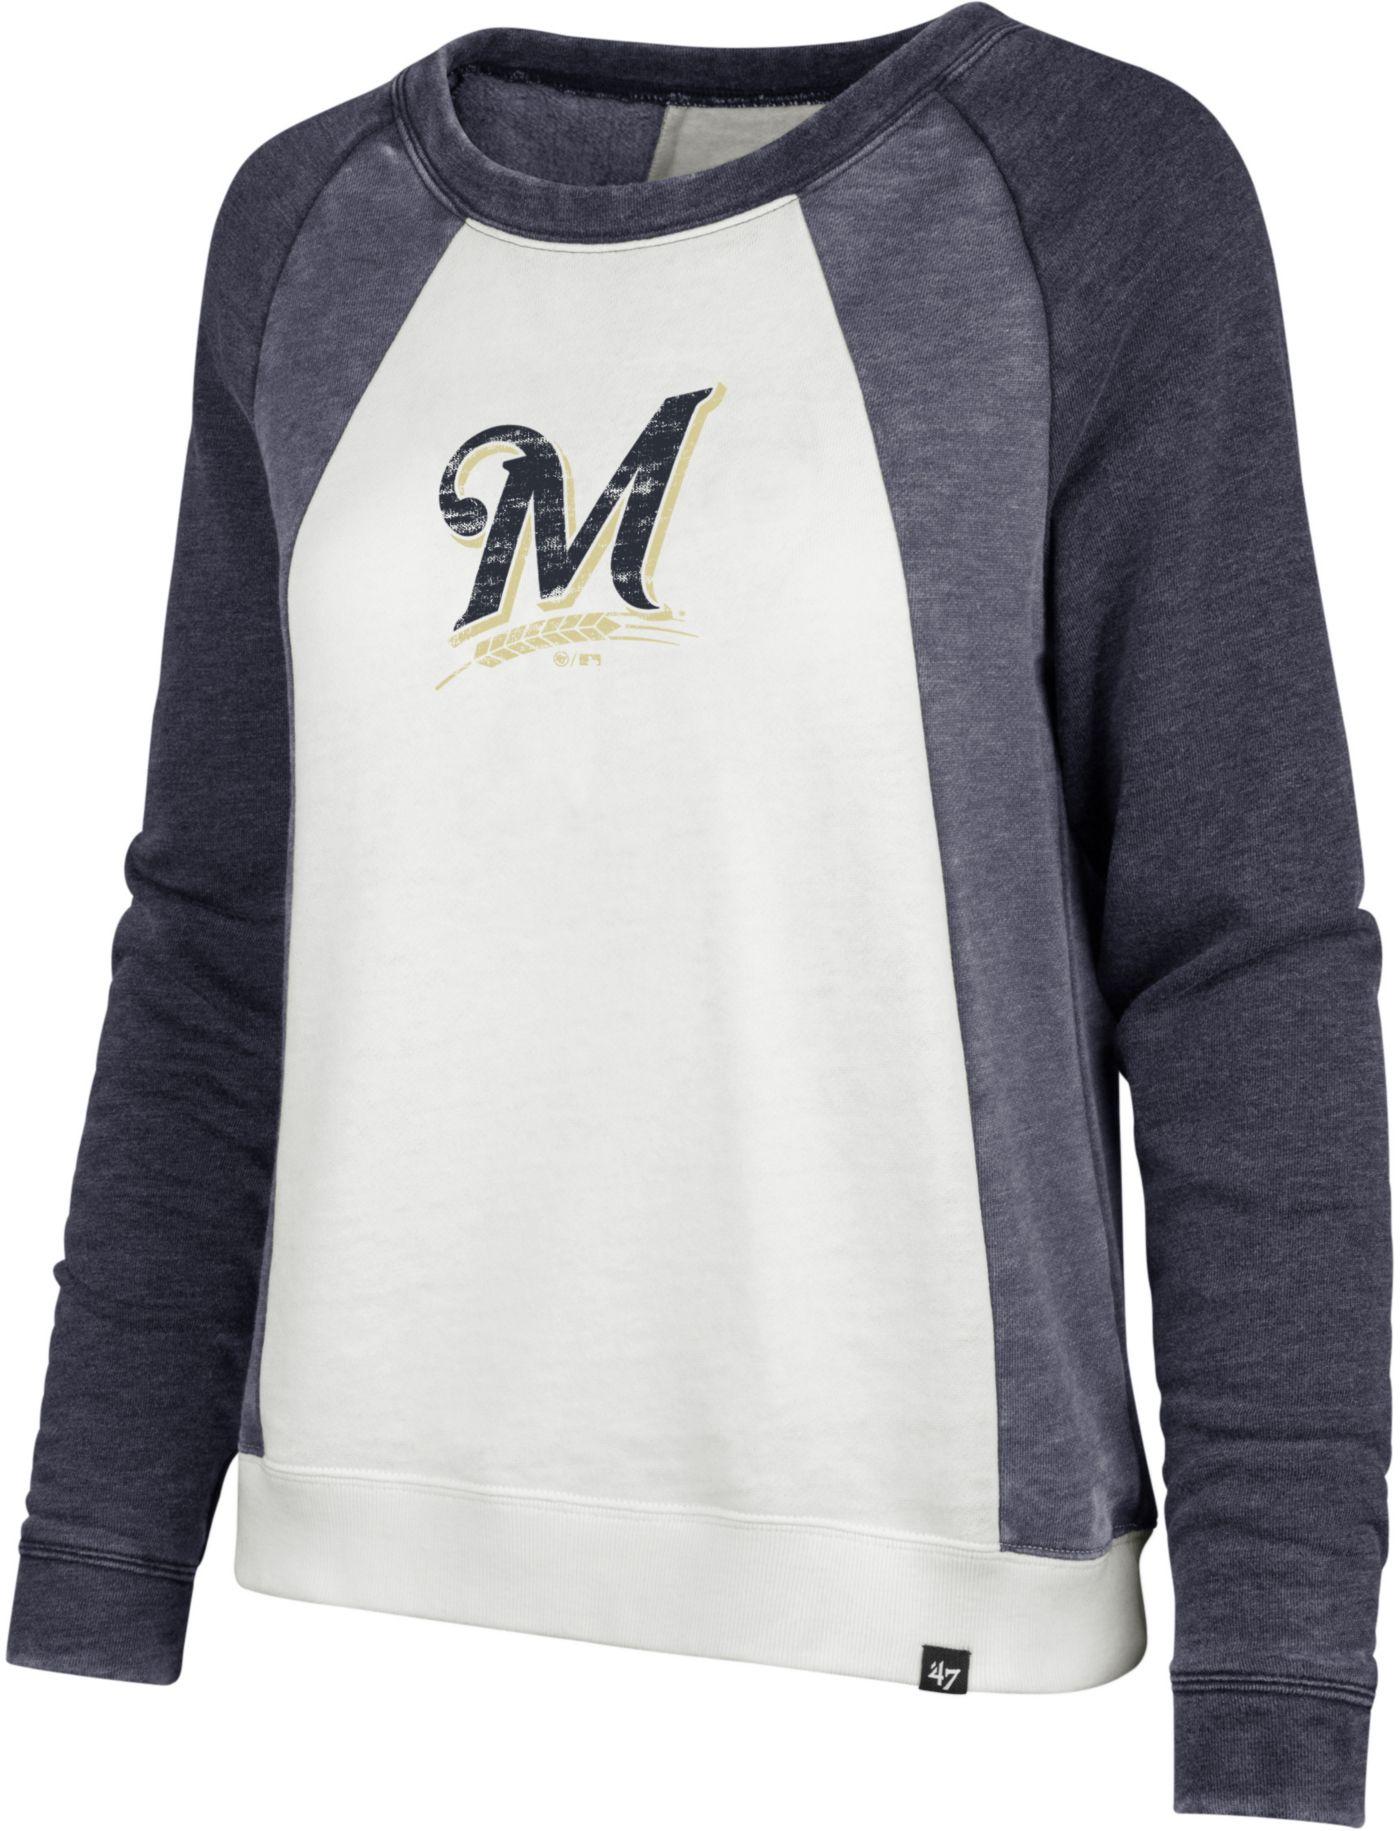 '47 Women's Milwaukee Brewers Long Sleeve Crew Shirt